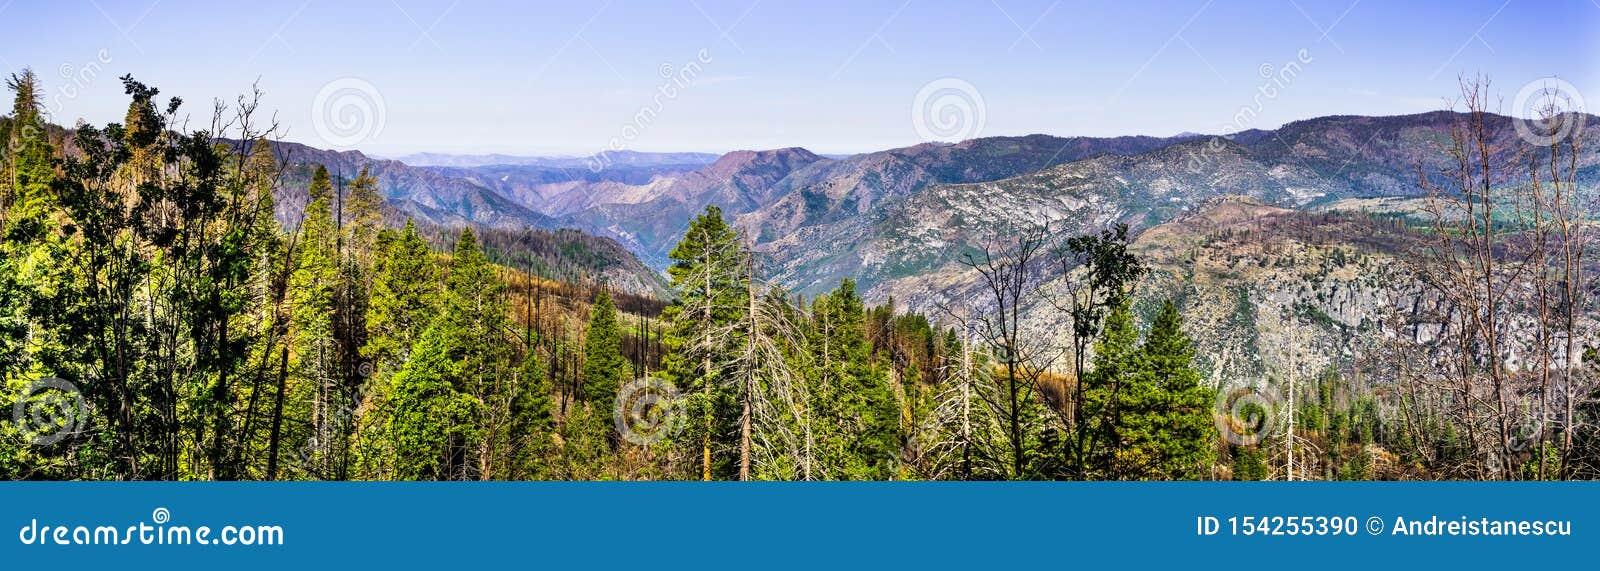 Панорамный вид областей национального парка Yosemite и Mariposa County, Калифорния, поврежденной огнем Ferguson летом 2018